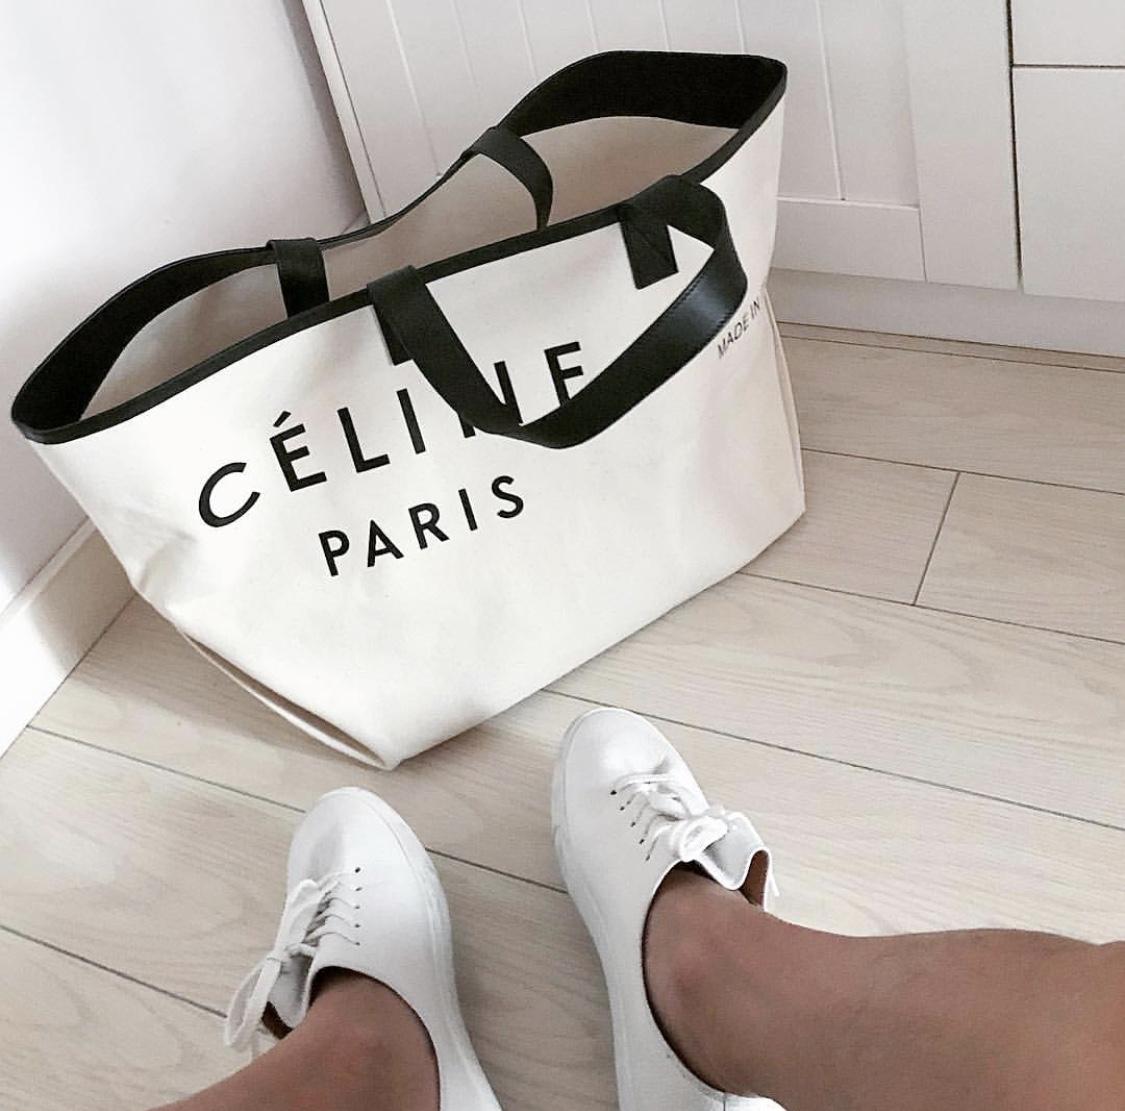 Everyone Going Crazy For The Céline Paris Tote Bag